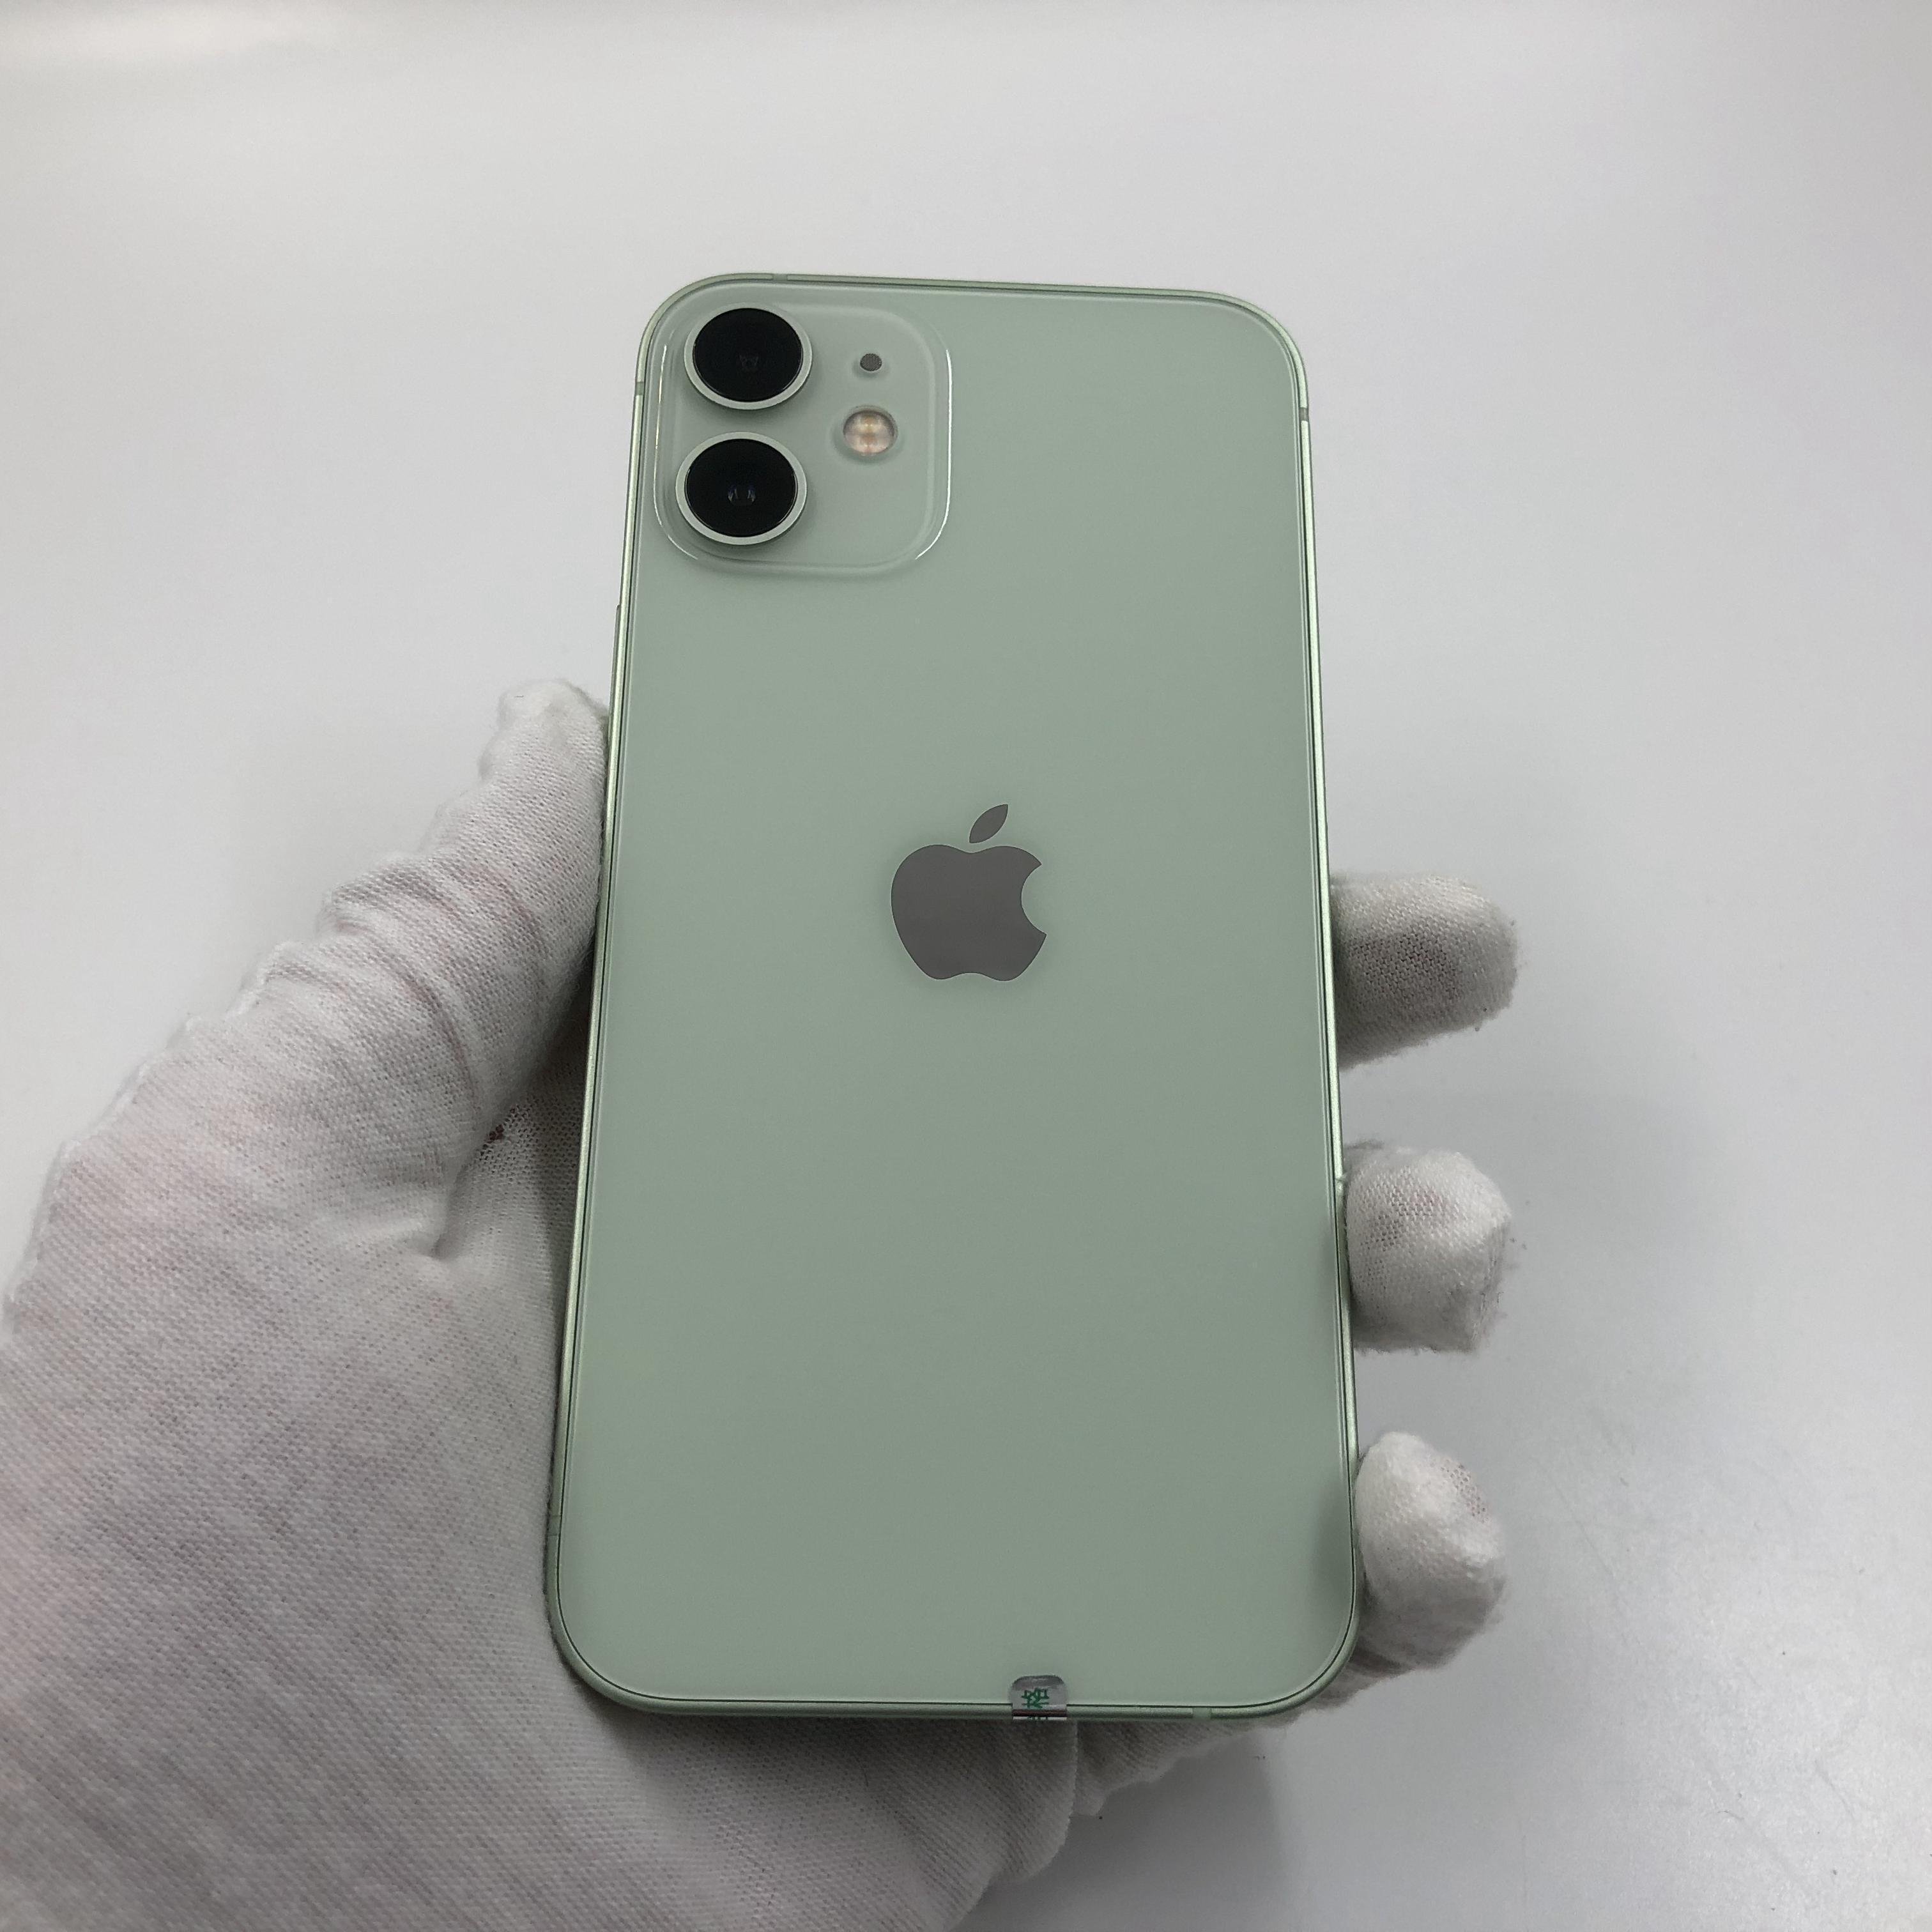 苹果【iPhone 12 mini】5G全网通 绿色 64G 国行 95新 真机实拍官保2022-03-09